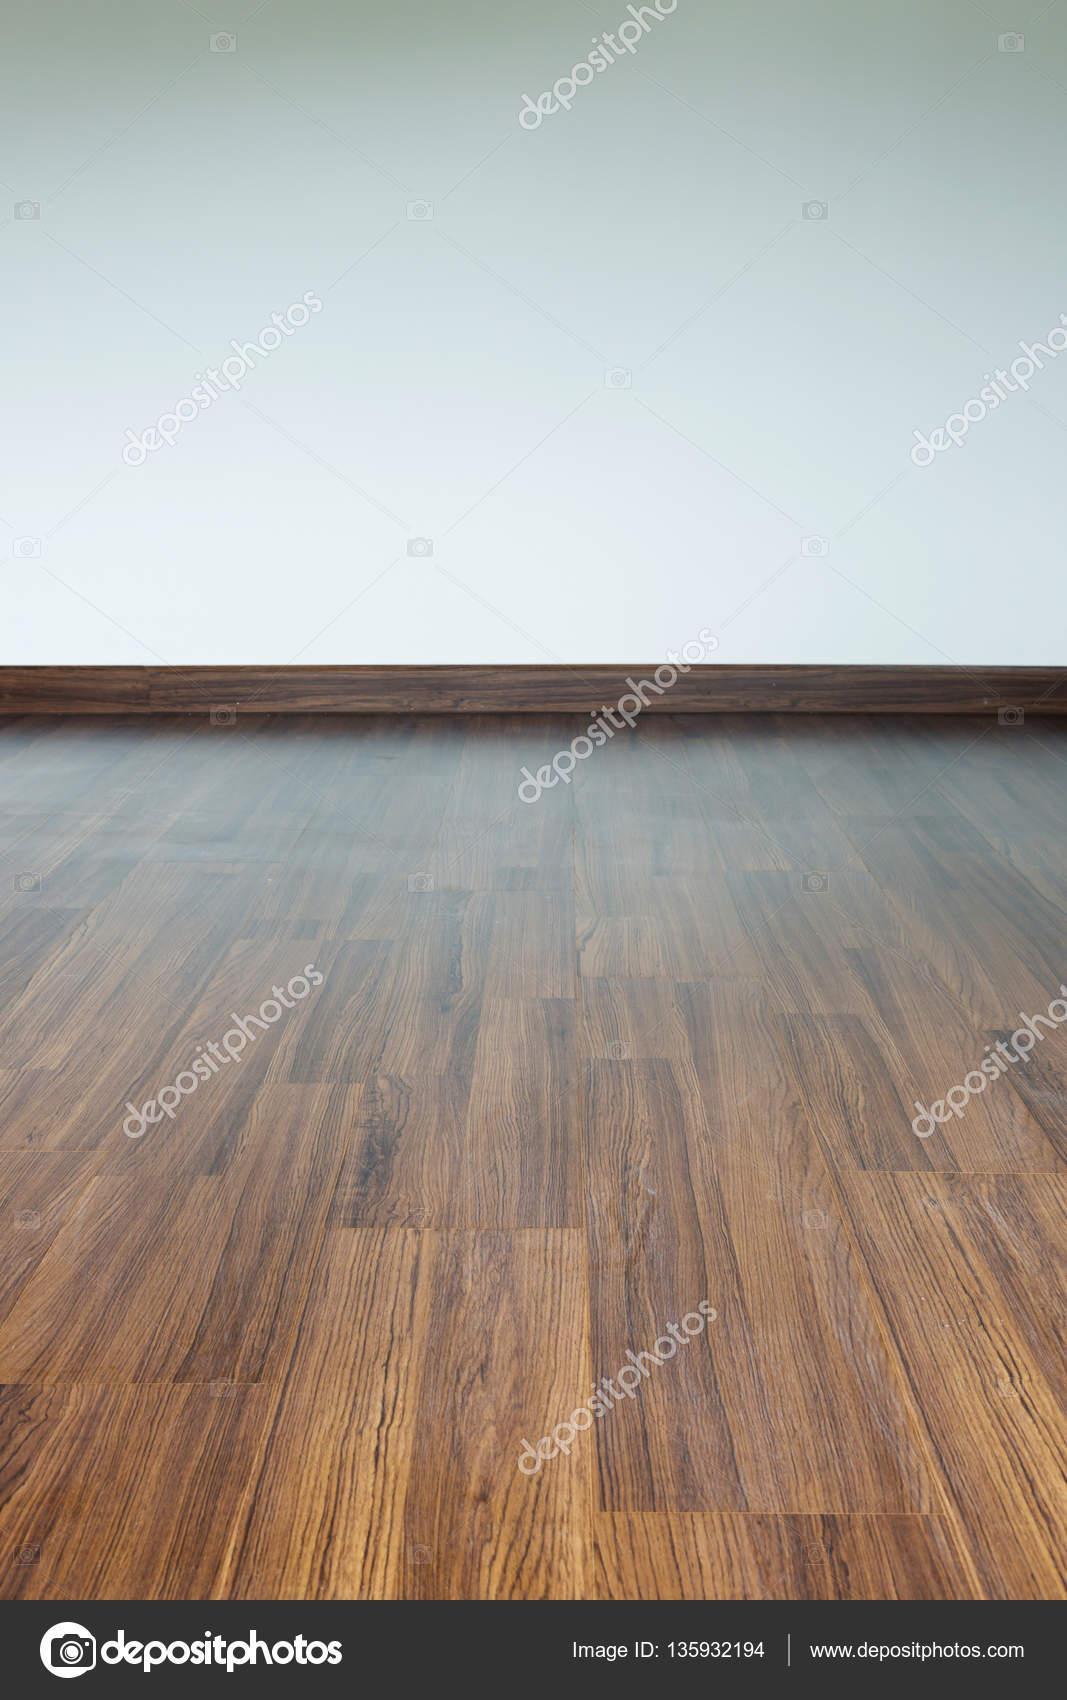 leeren raum interieur braune holz laminatboden und weien mrtel stockfoto - Hartholz Oder Laminatboden